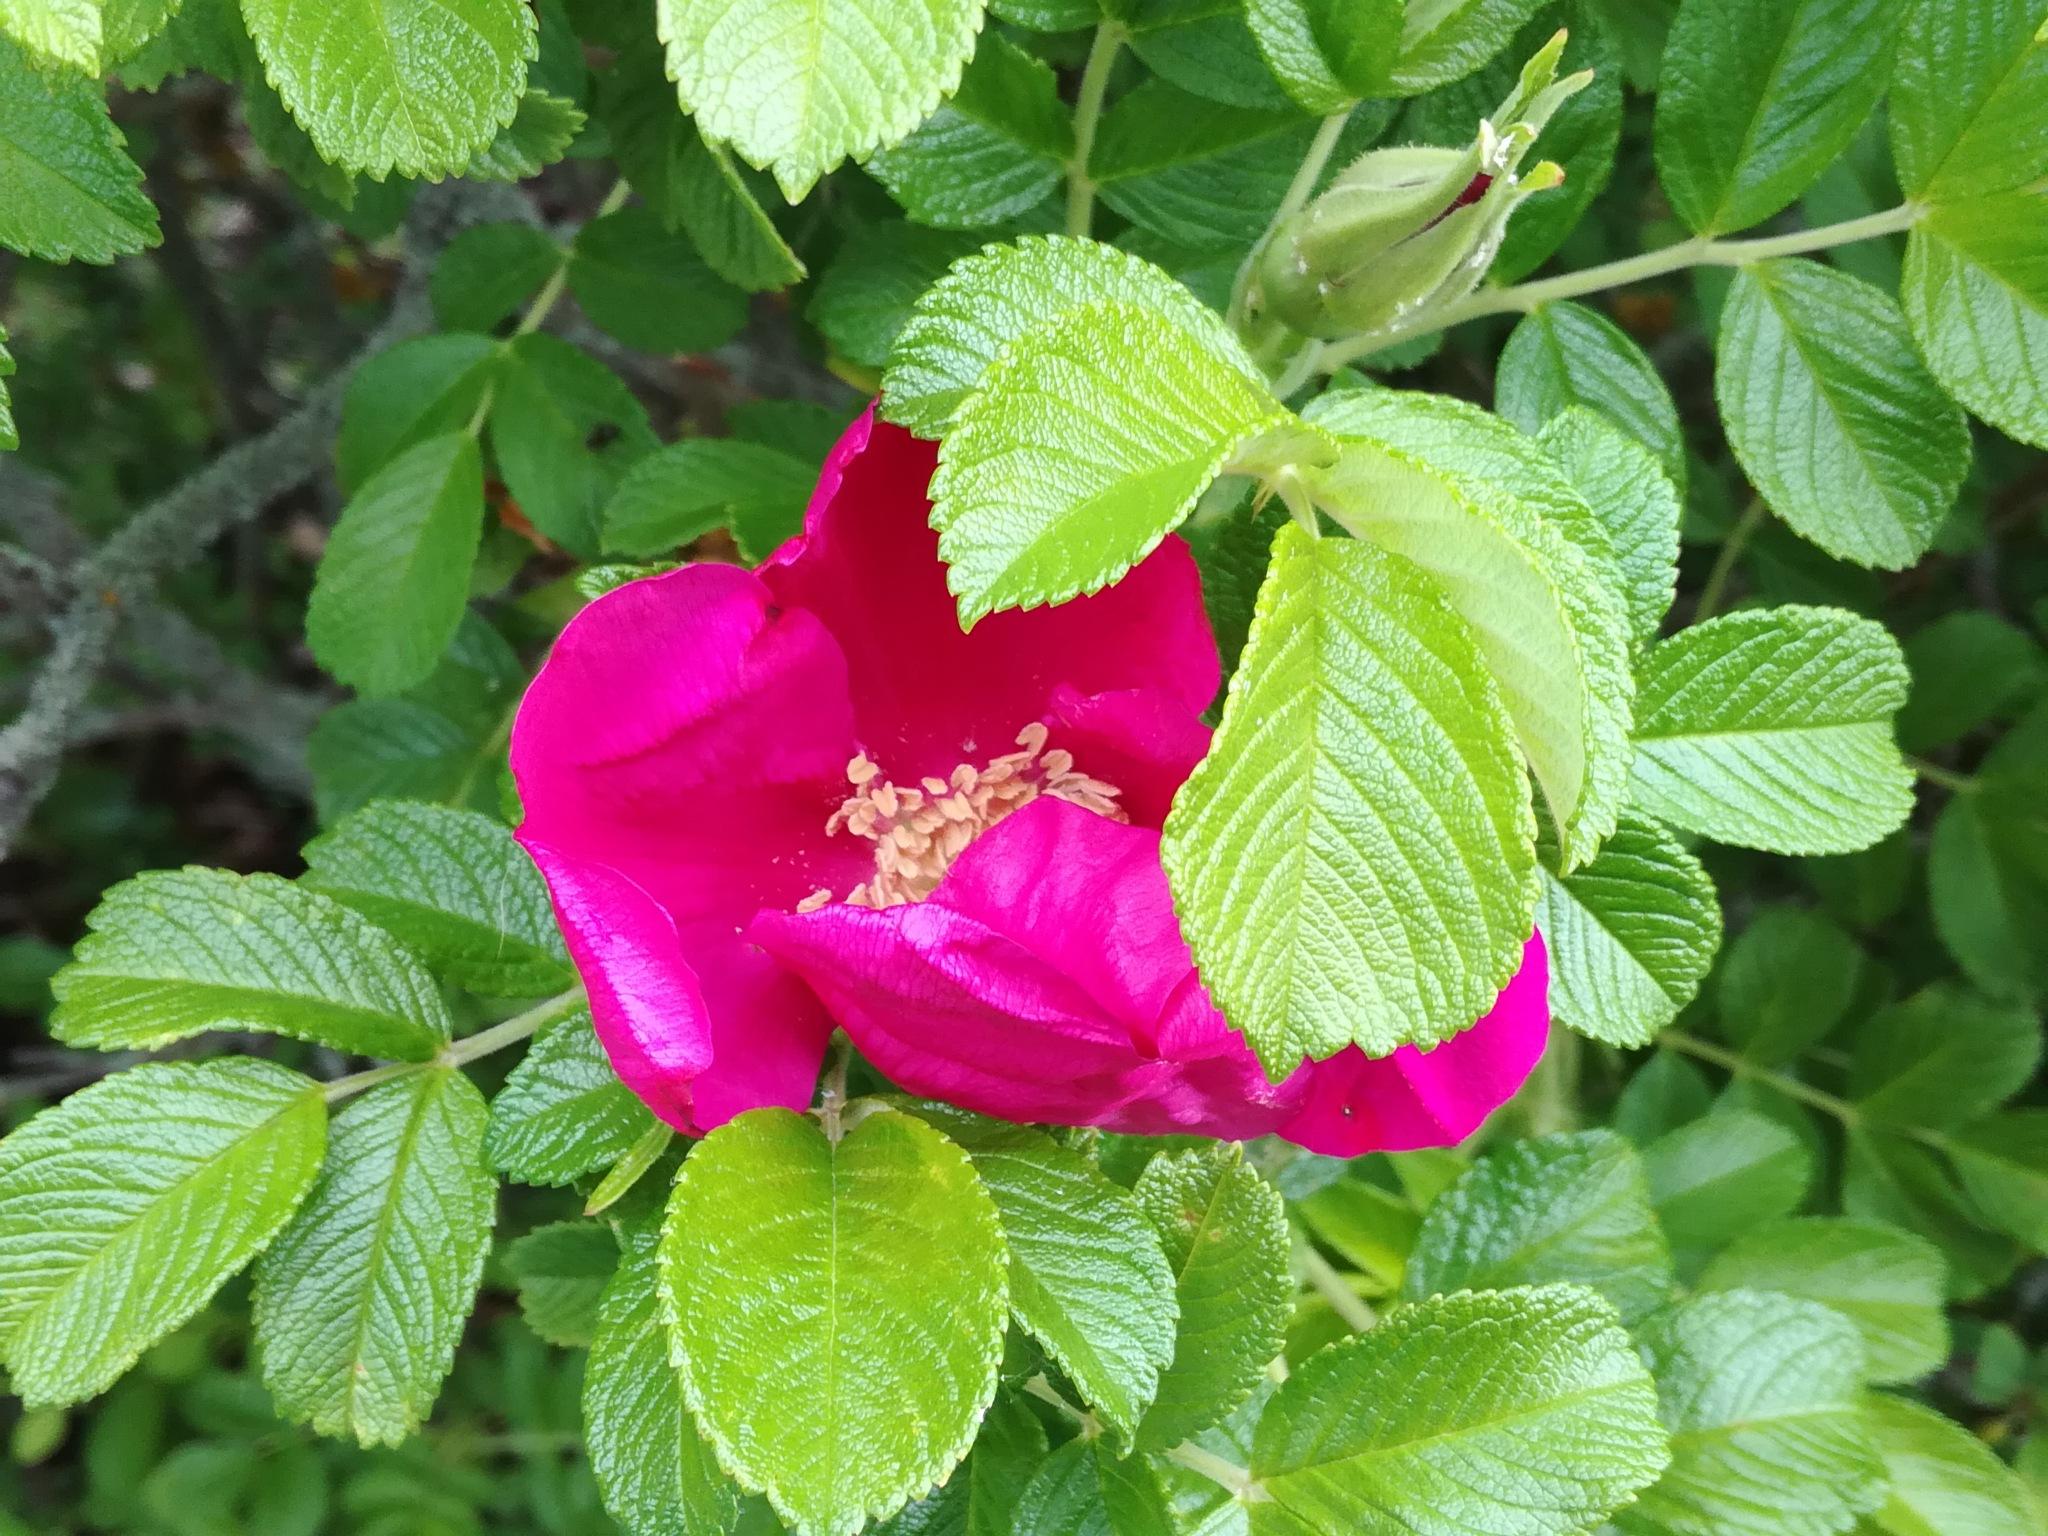 Flower between leaves by uzkuraitiene62